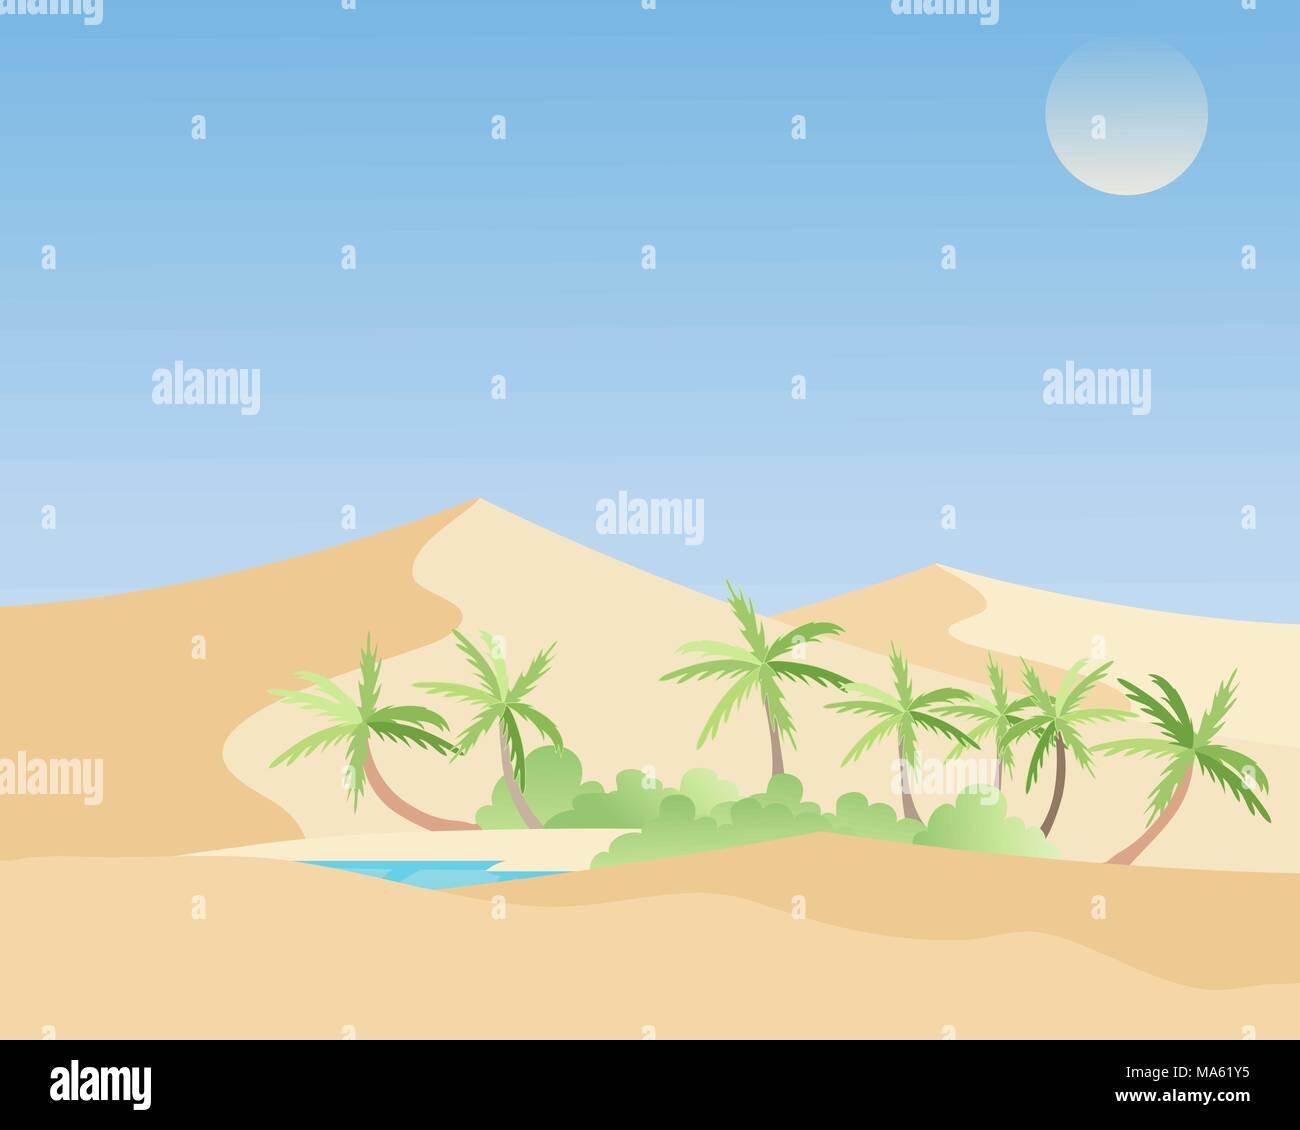 Una illustrazione vettoriale in formato eps formato 10 di una bellissima oasi in un deserto caldo paesaggio con alberi di palma verde della tipica vegetazione mediterranea e di una rinfrescante laguna blu Immagini Stock